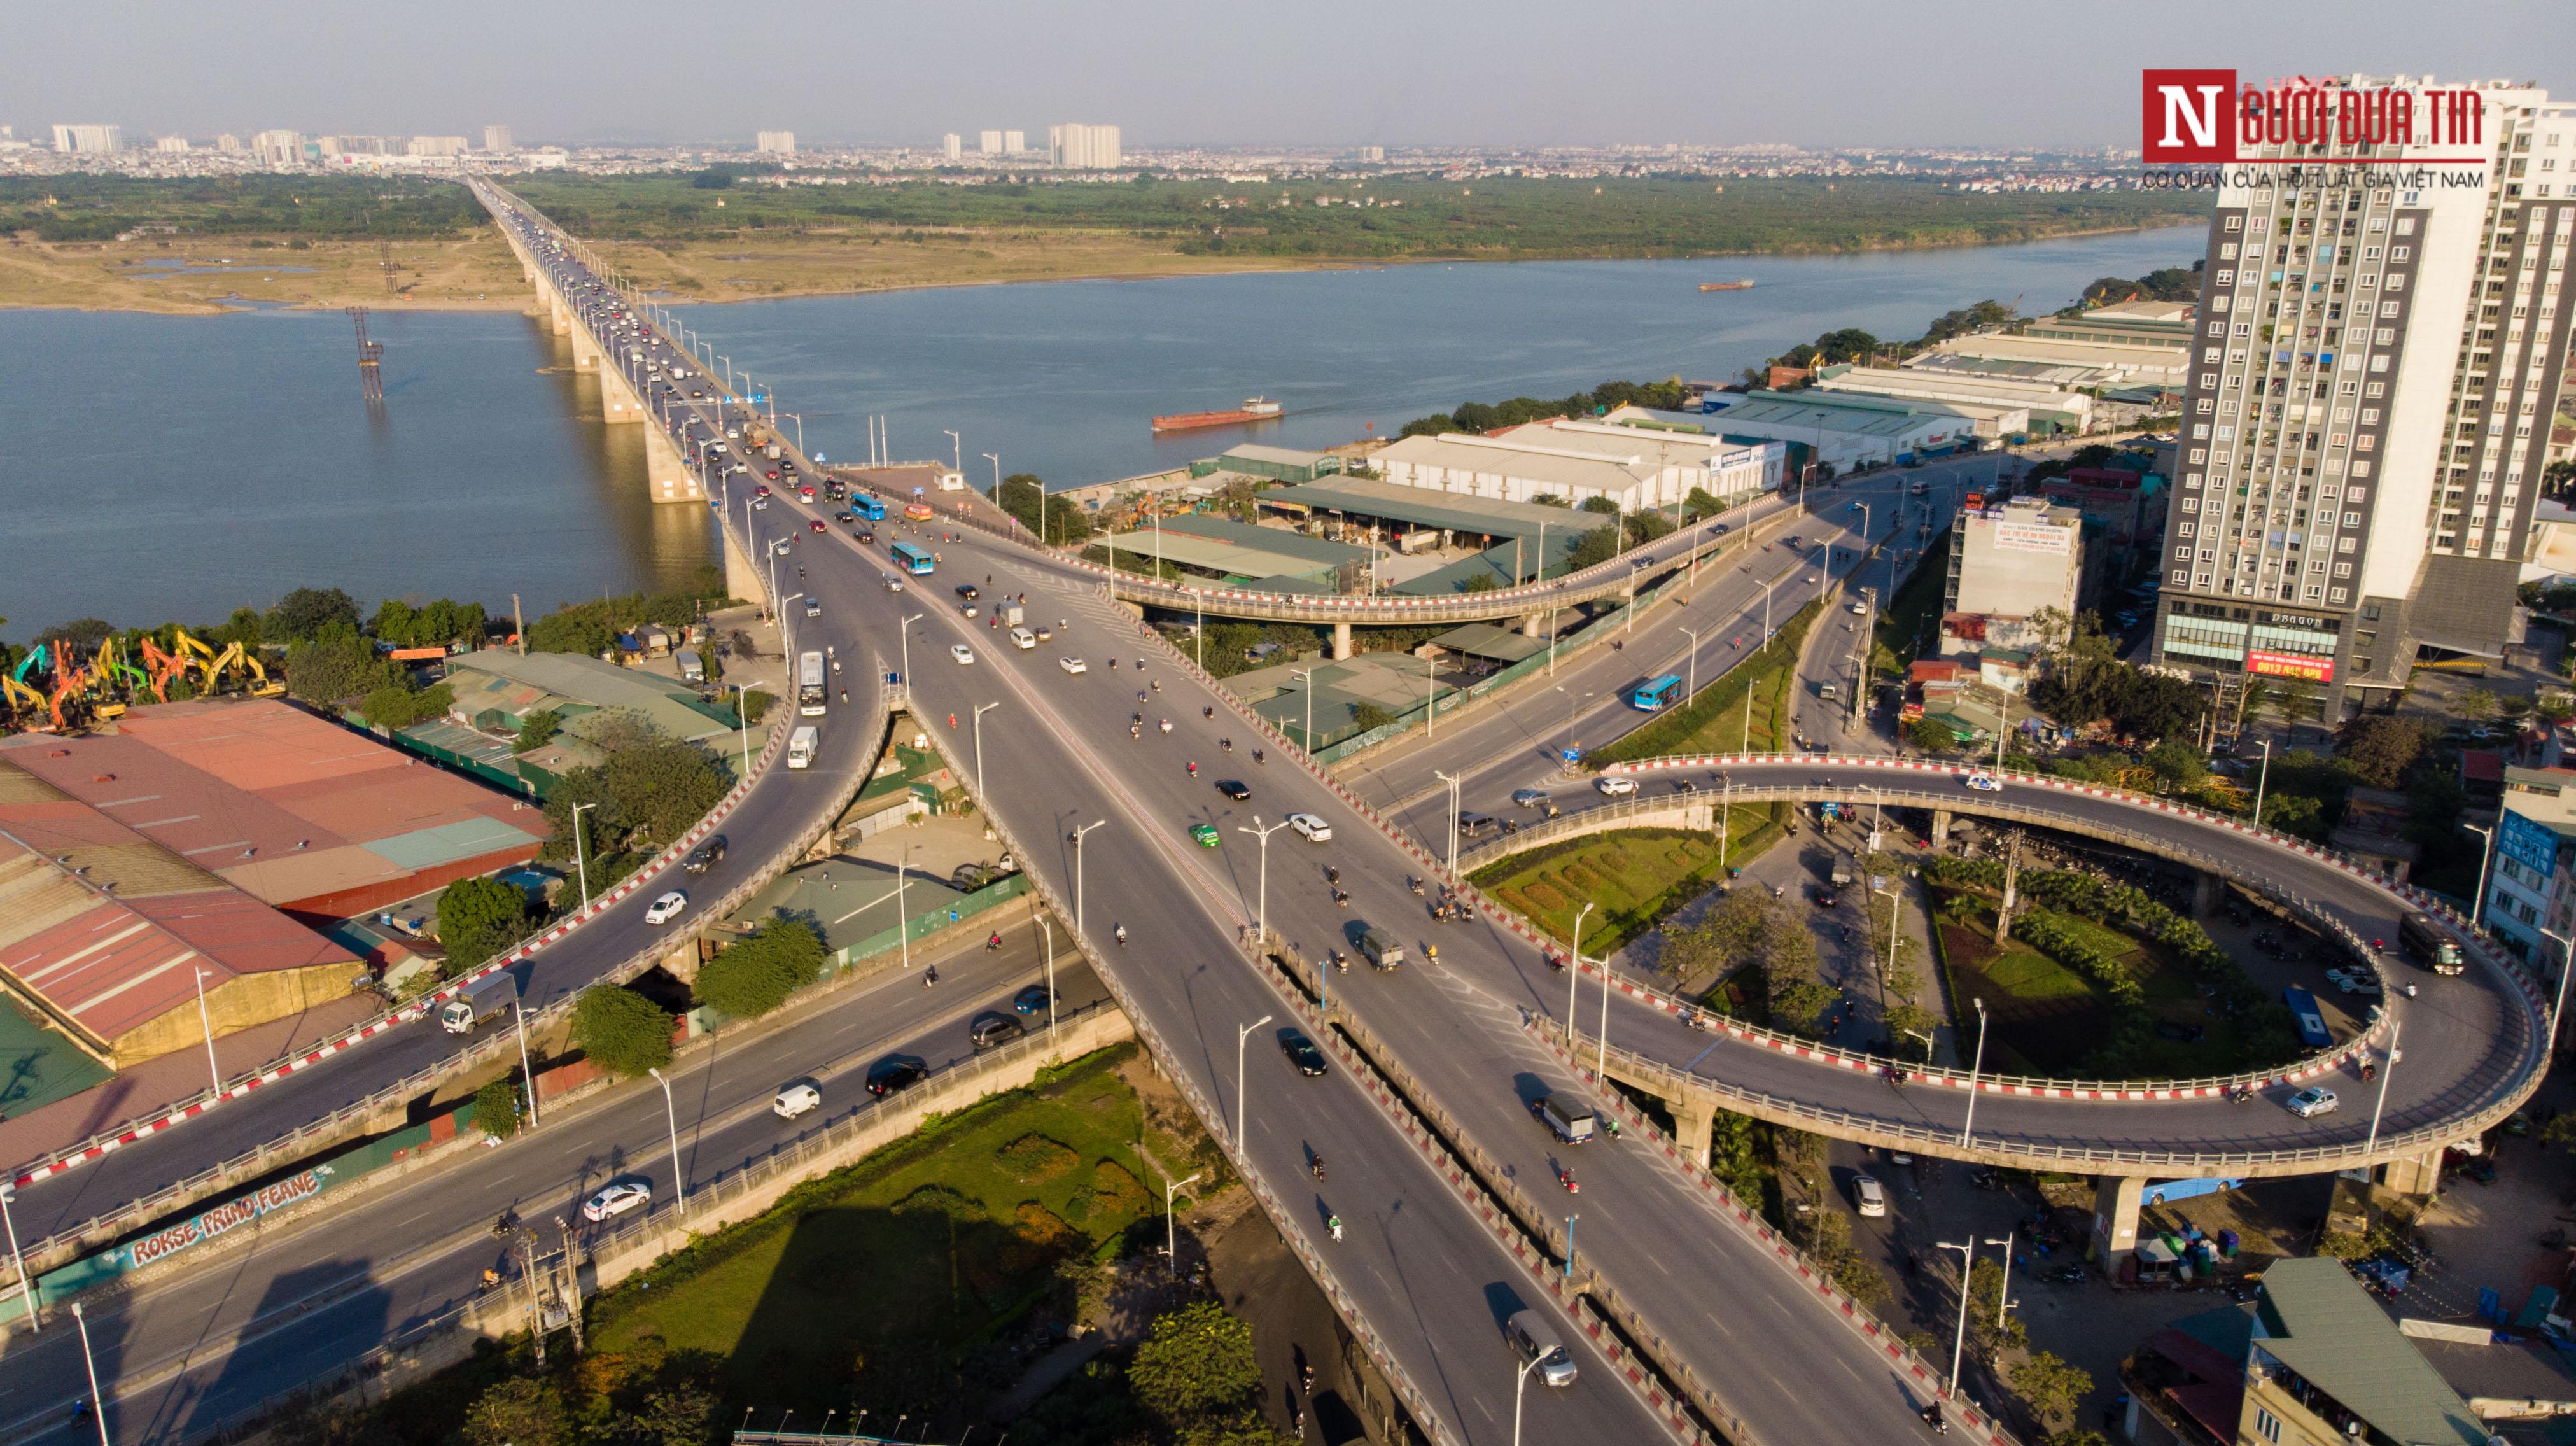 Tin nhanh - Chiêm ngưỡng 6 cây cầu bắc qua sông Hồng nối trung tâm Hà Nội (Hình 10).